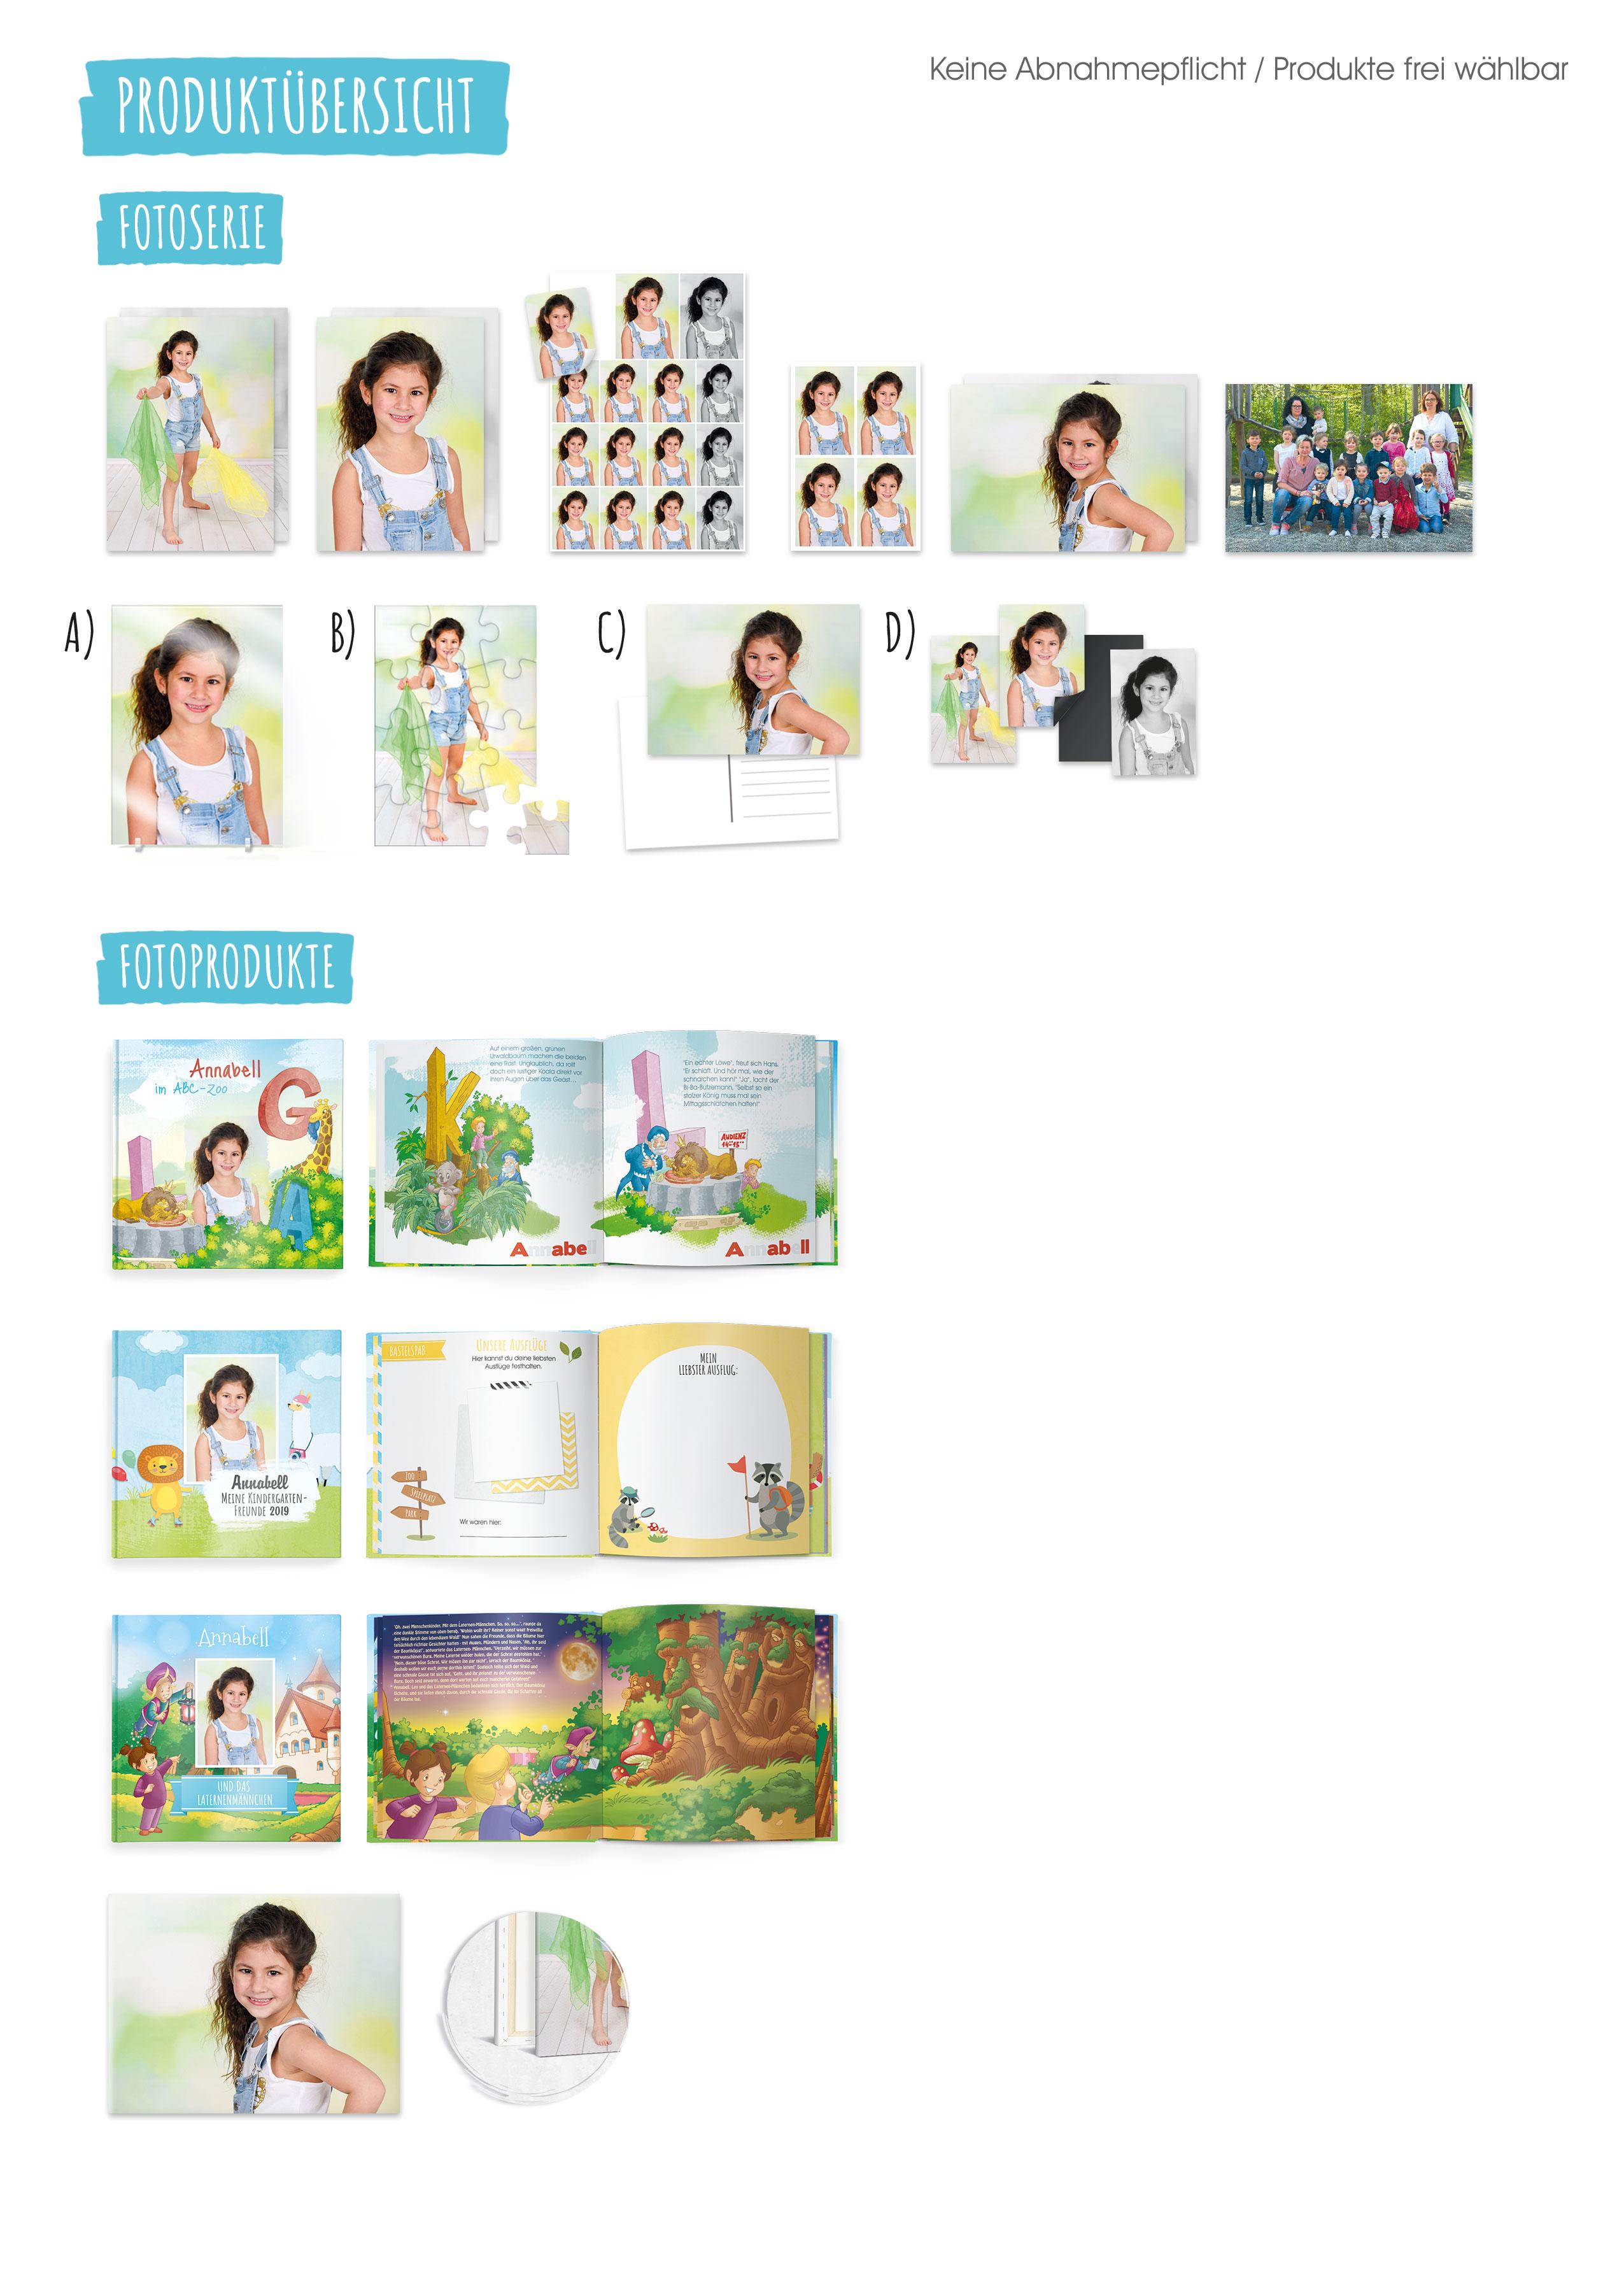 Kizpix.de Produktübersicht für Kindergärten: Fotoserie Fotoprodukte